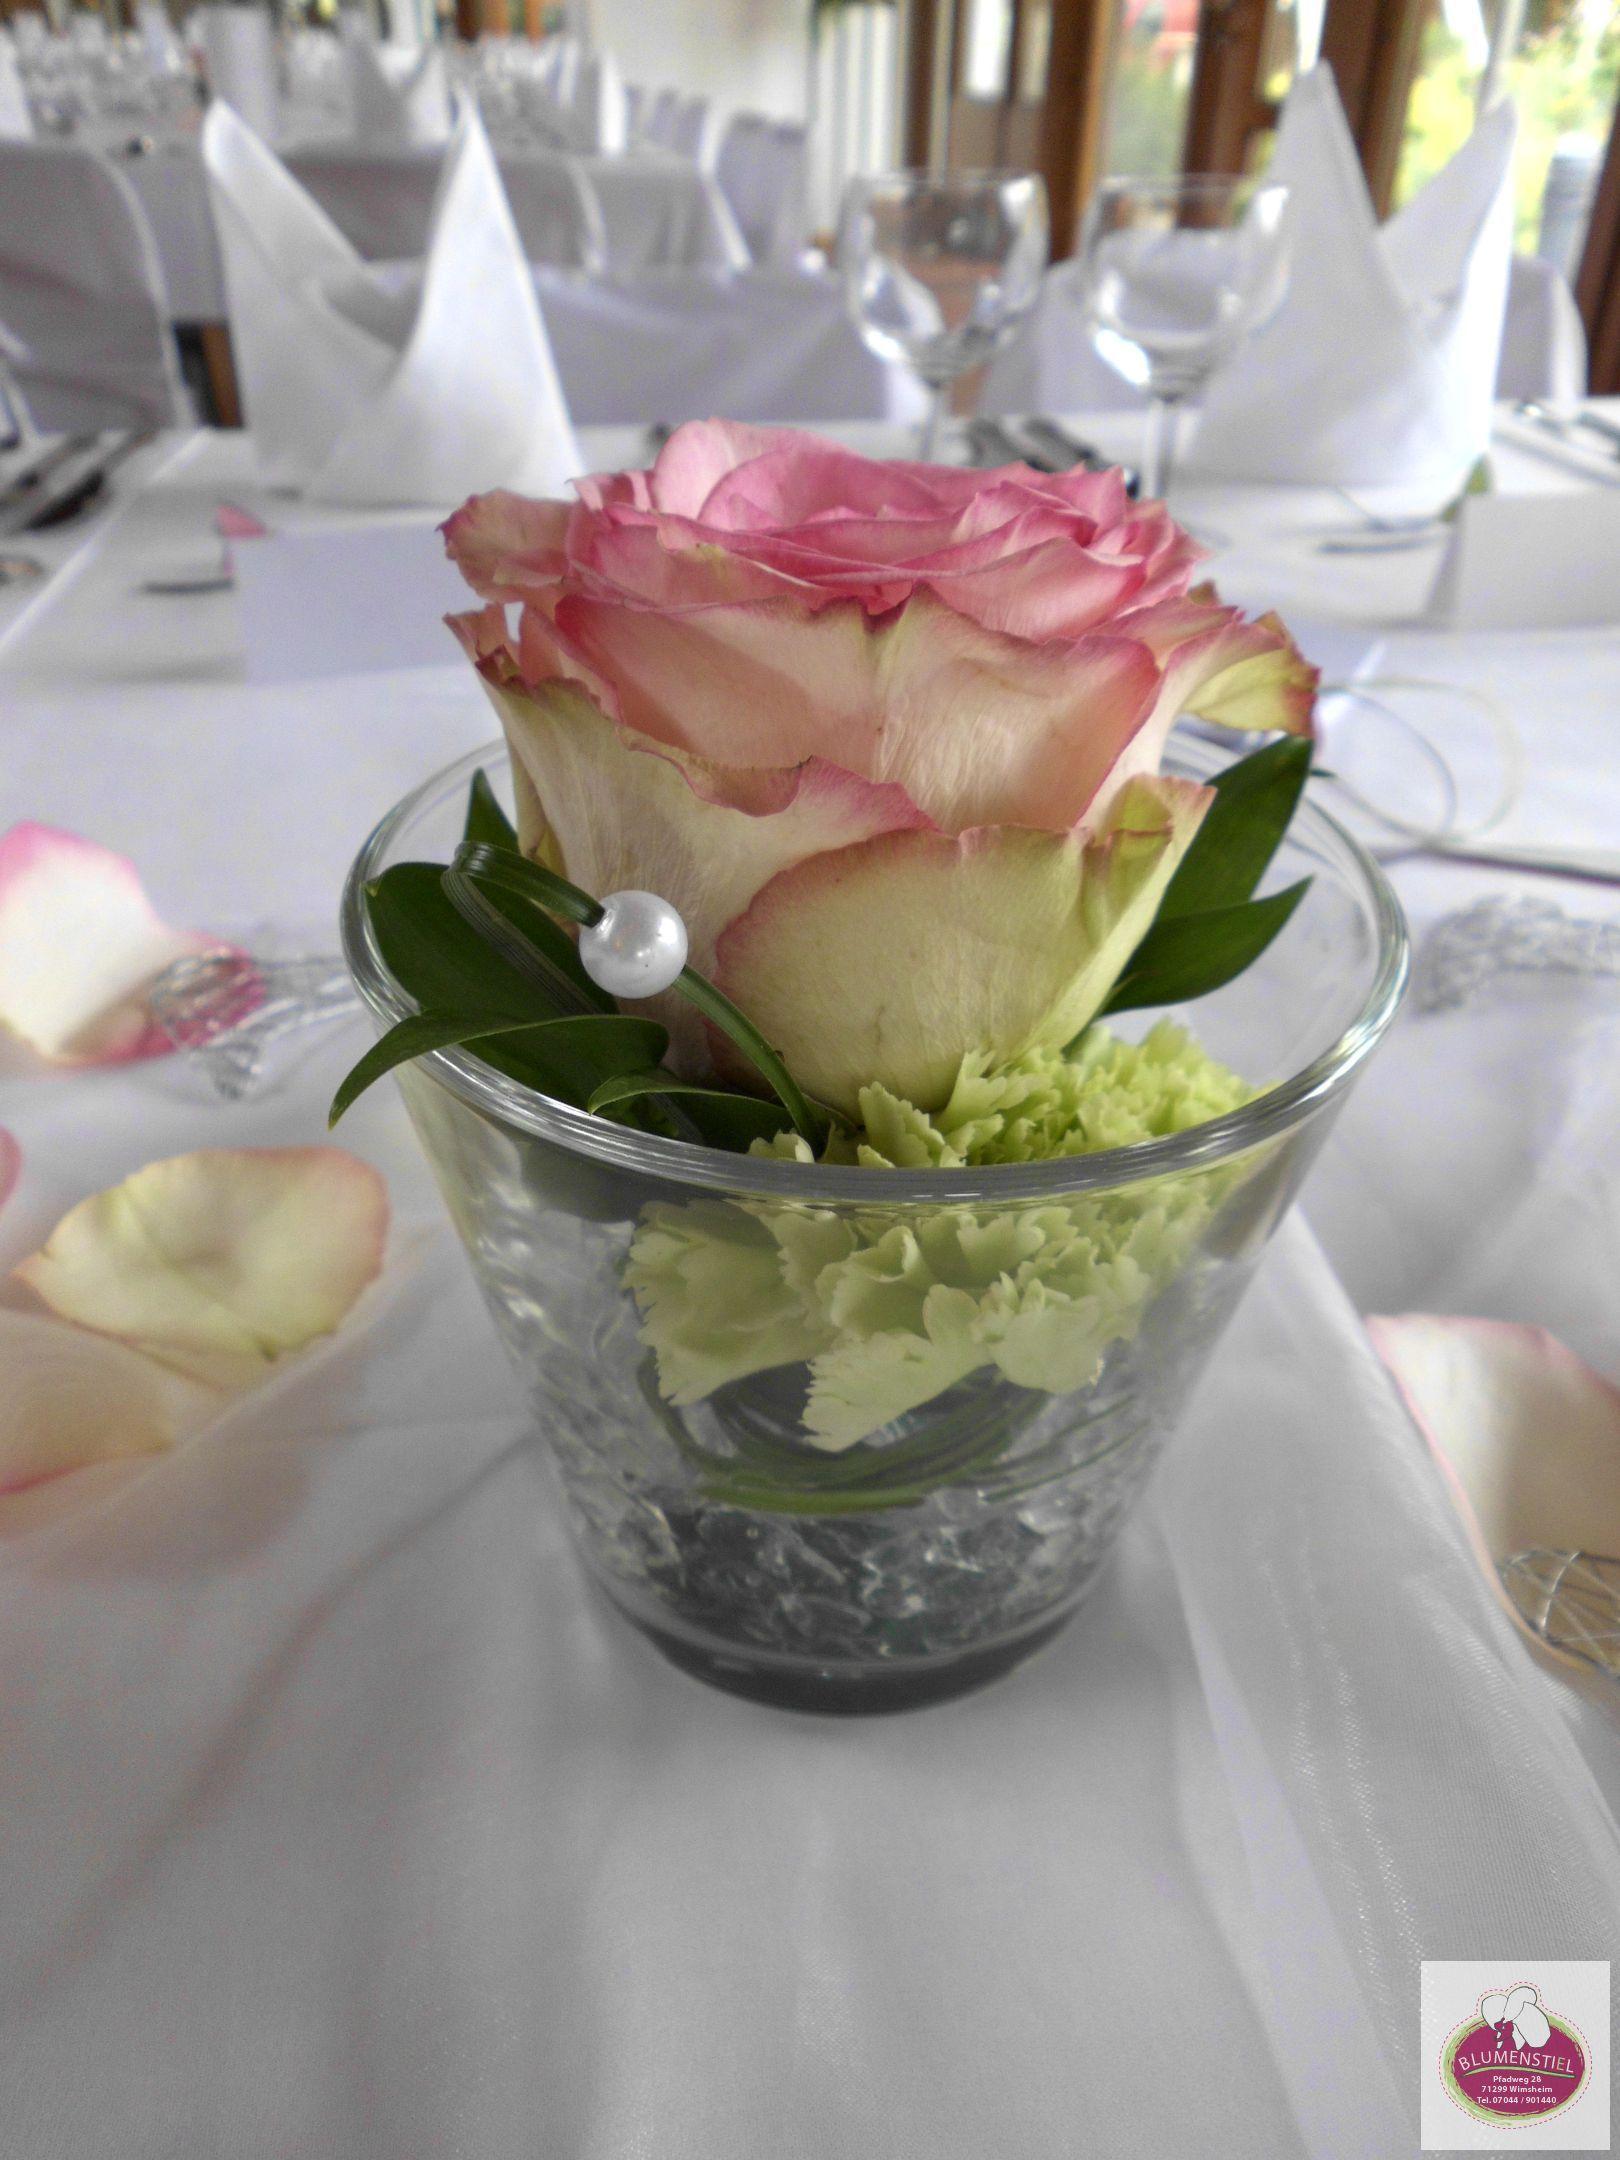 esperance rosen und gr ne nelken tischdeko pinterest table decorations floral und floral. Black Bedroom Furniture Sets. Home Design Ideas